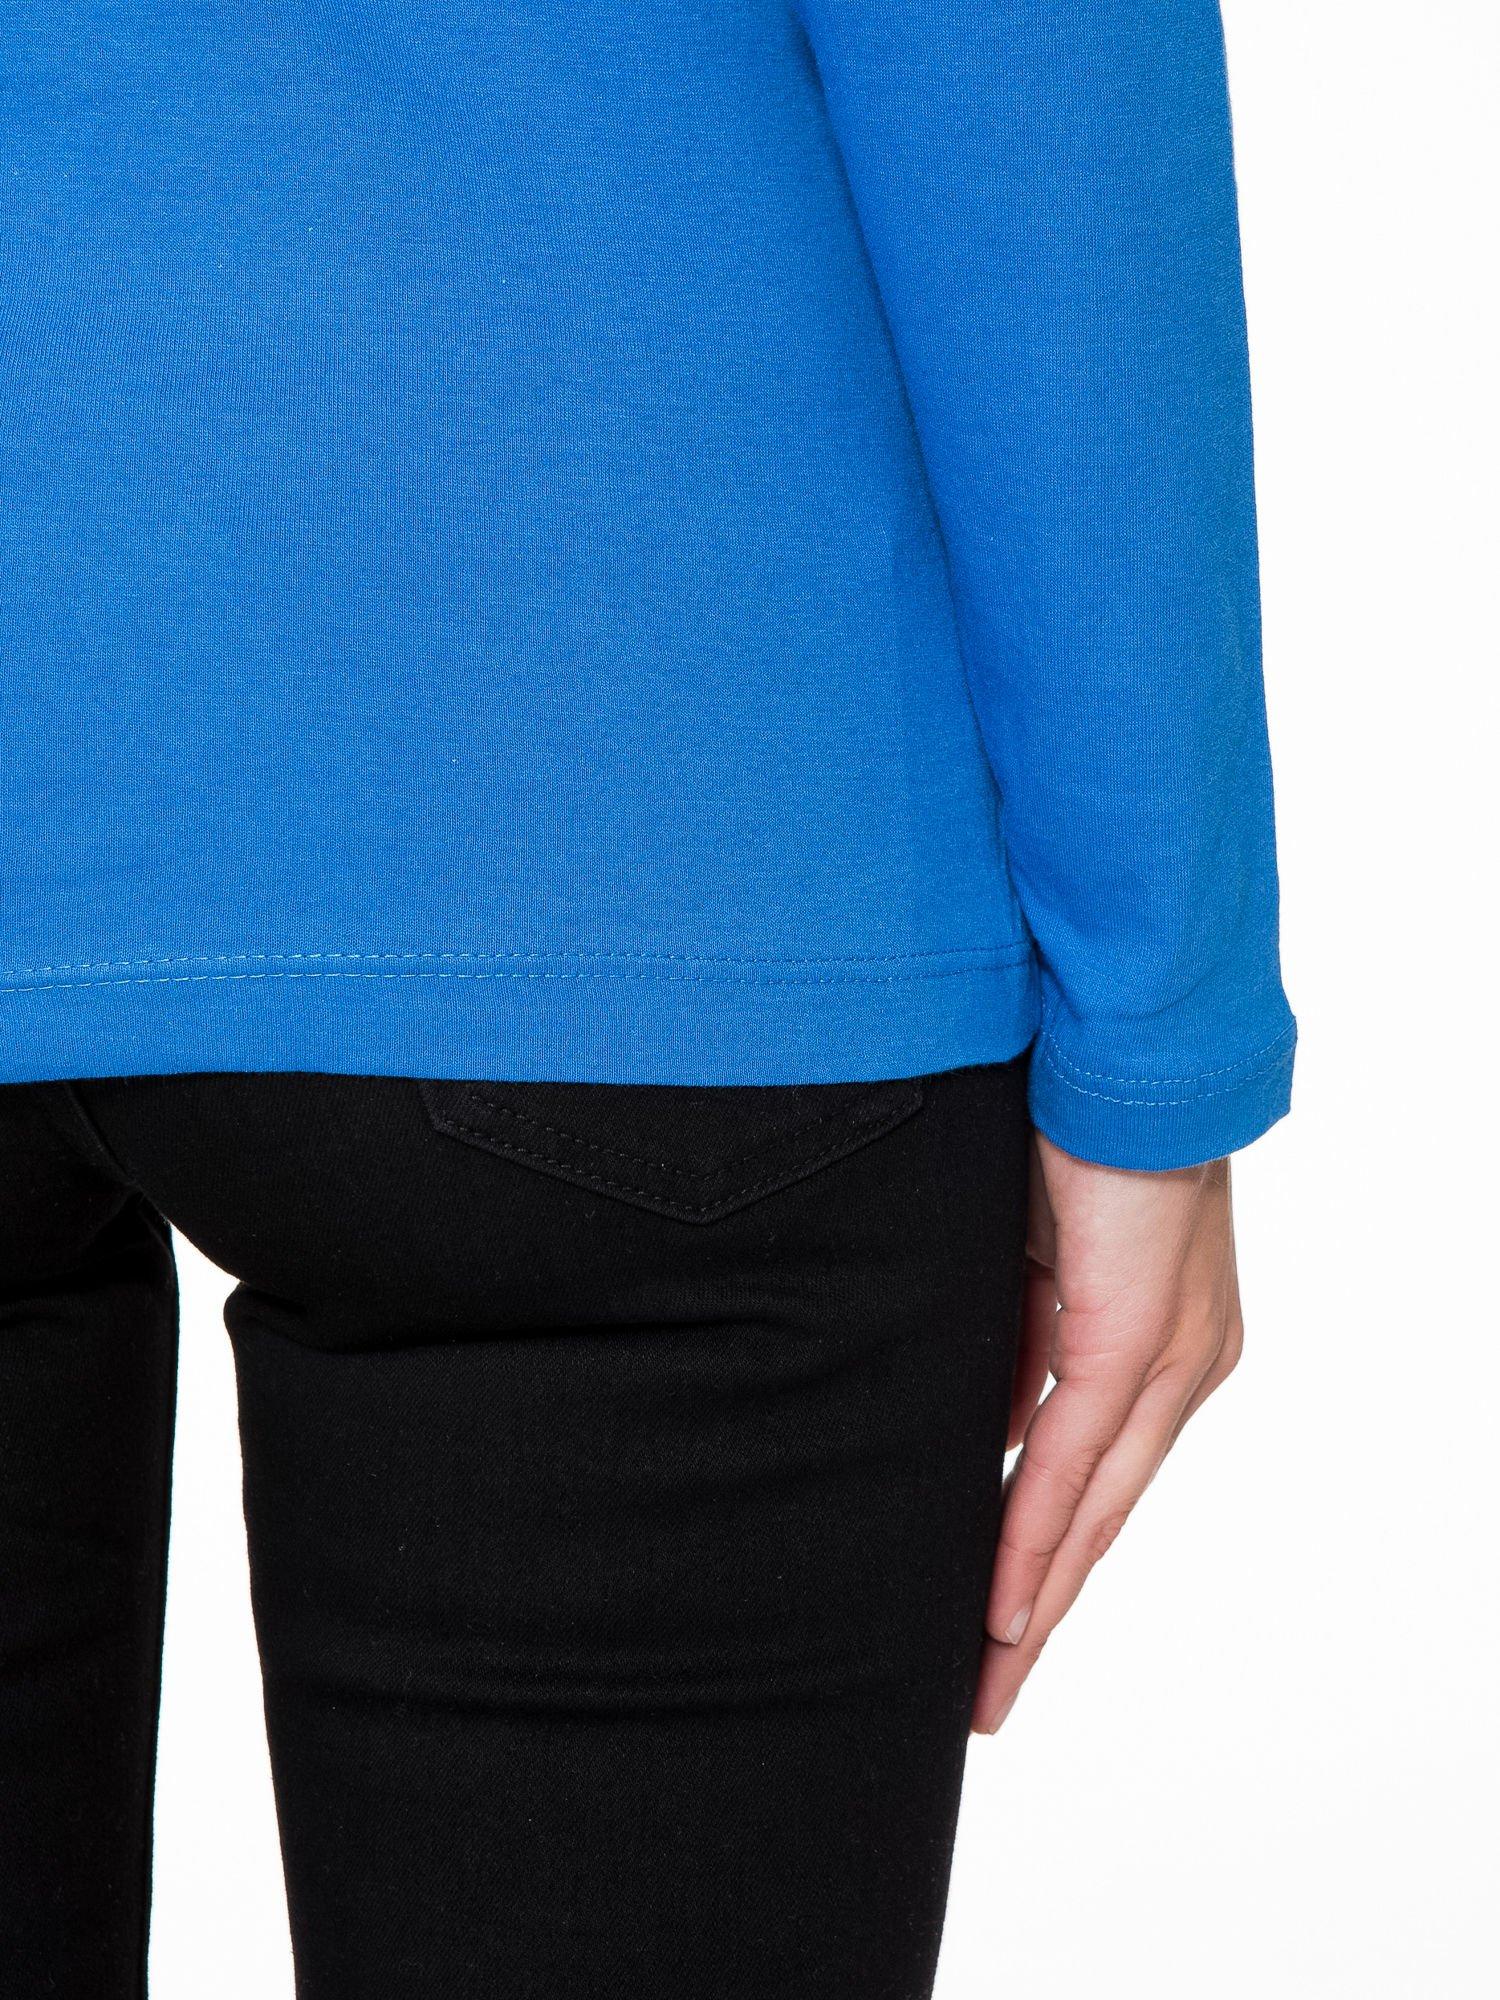 Niebieska bluzka z portretem kobiety i napisem GOOD GIRLS...                                  zdj.                                  9